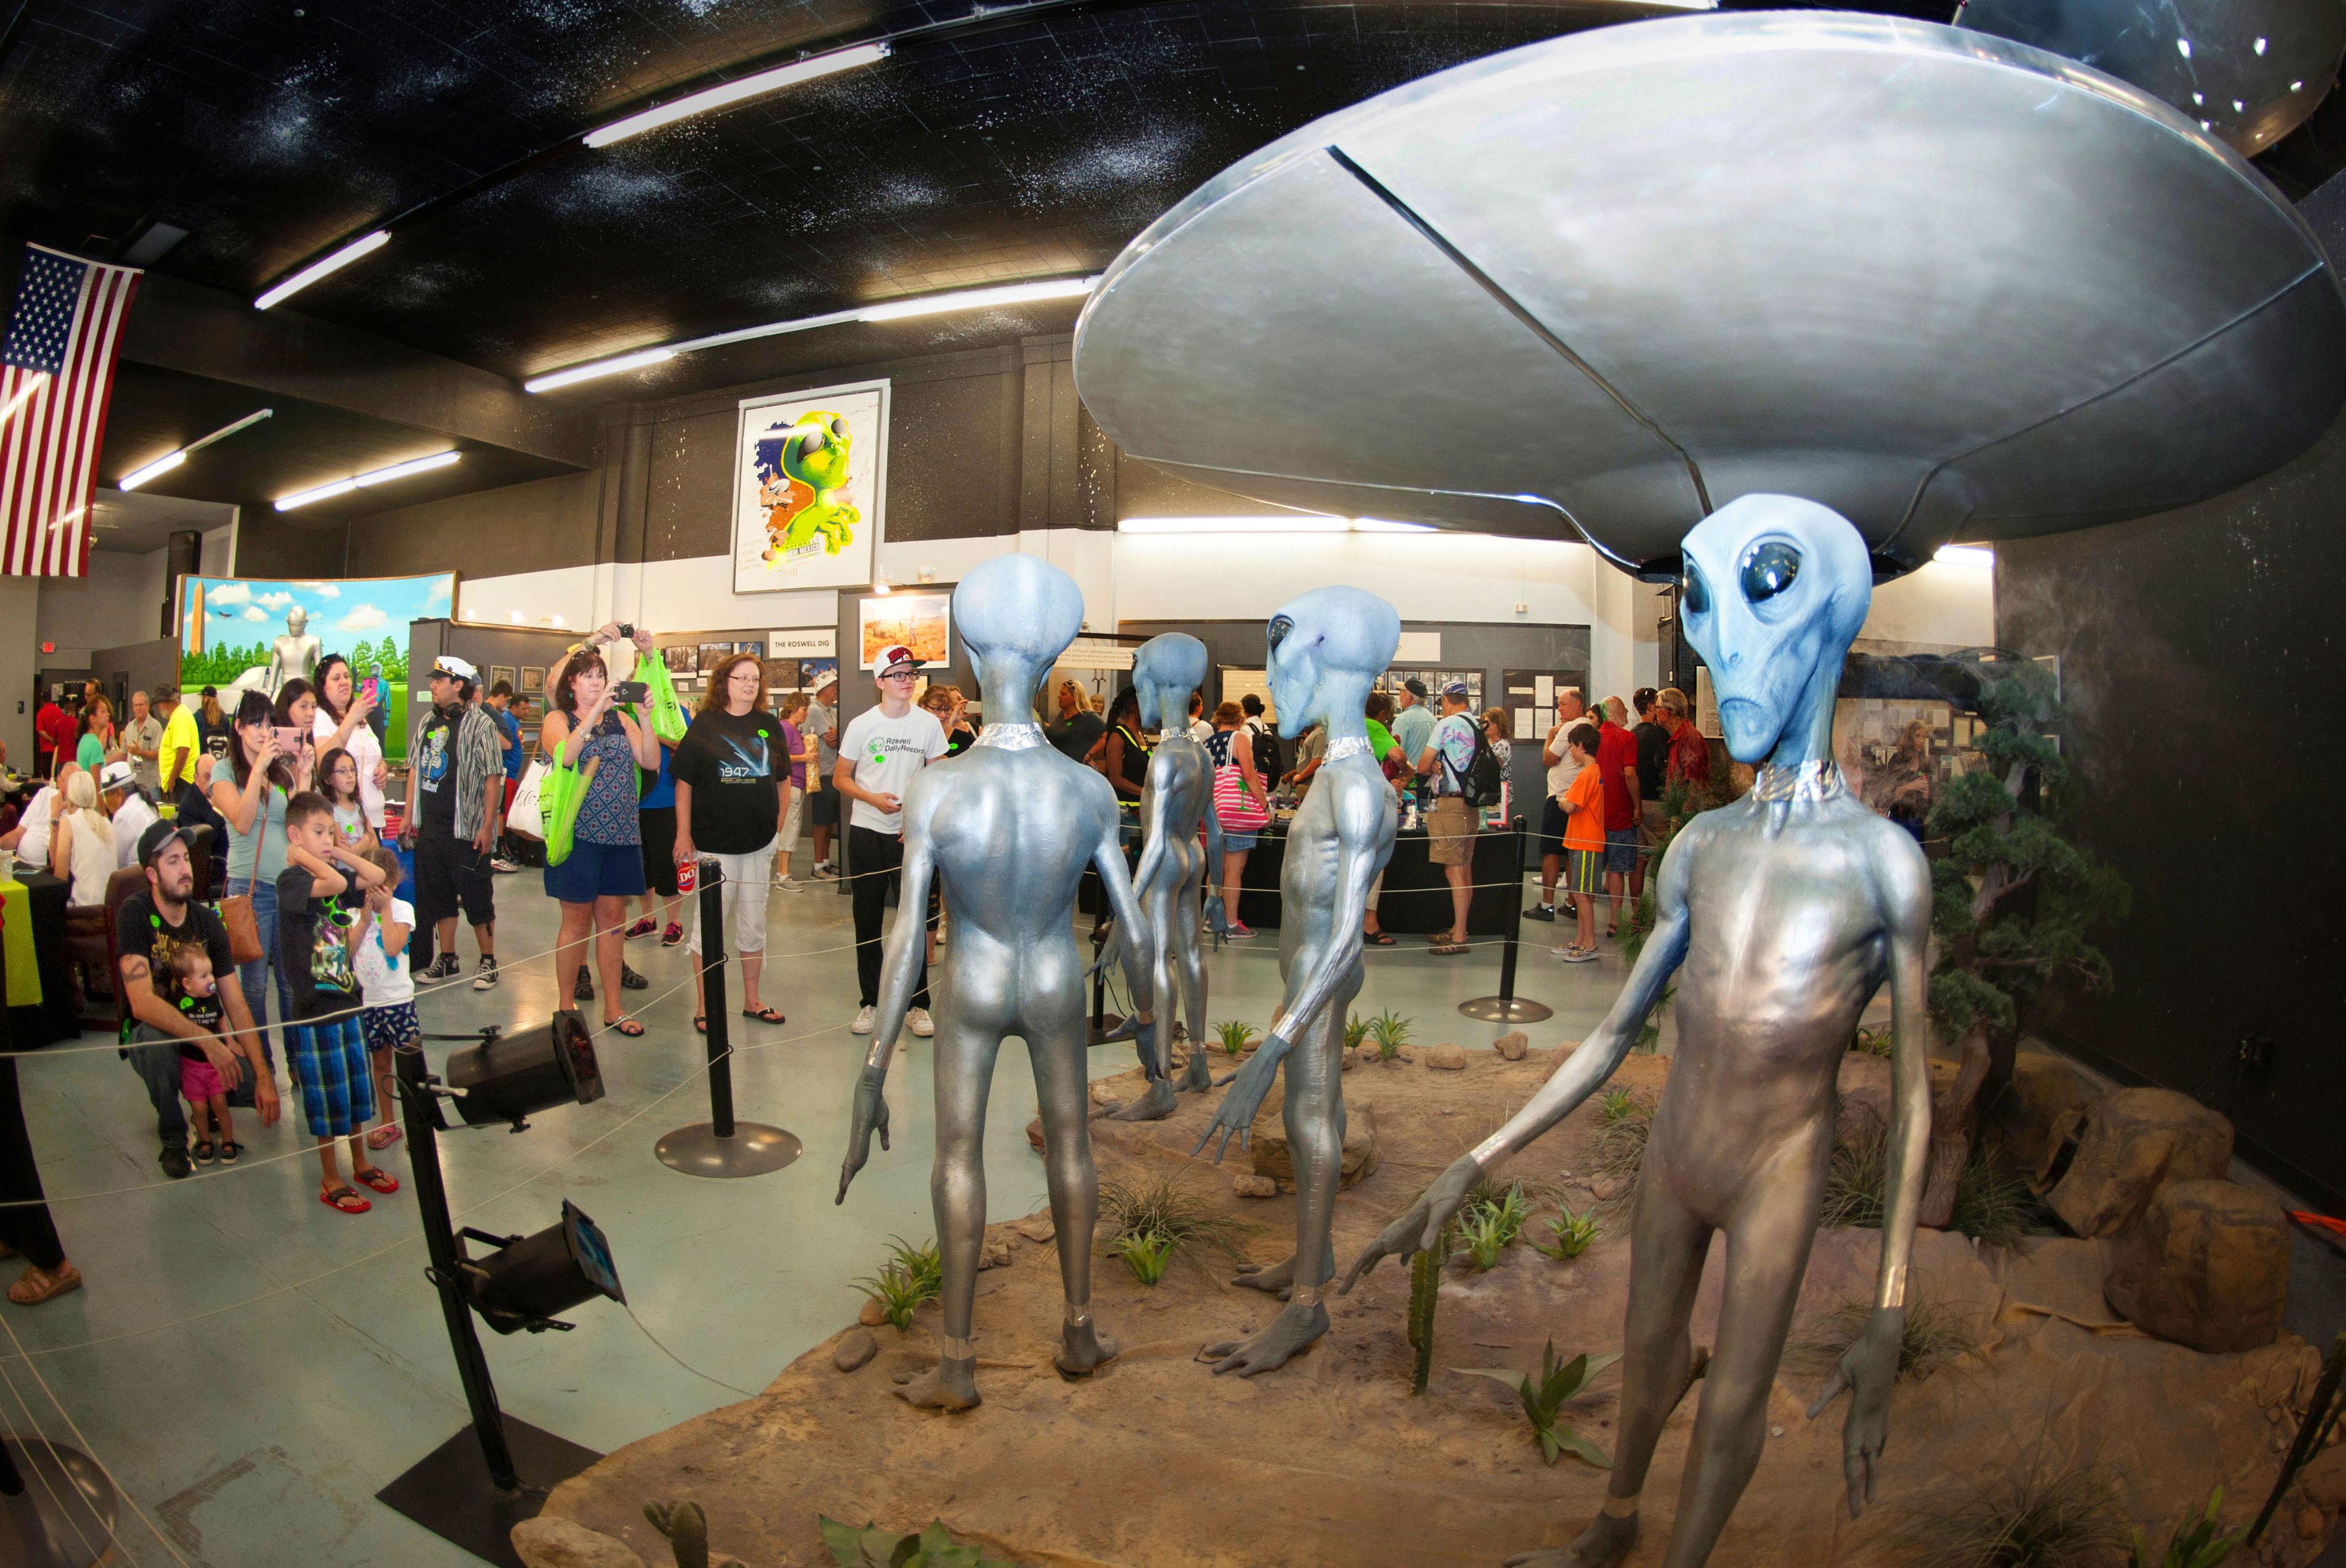 宇宙人が空飛ぶ円盤から降り立った様子を再現した展示。UFO博物館で最も人気がある。頭や指をかすかに動かす姿に子どもも大人もくぎ付けに=米ニューメキシコ州ロズウェル(撮影・鍋島明子、共同)